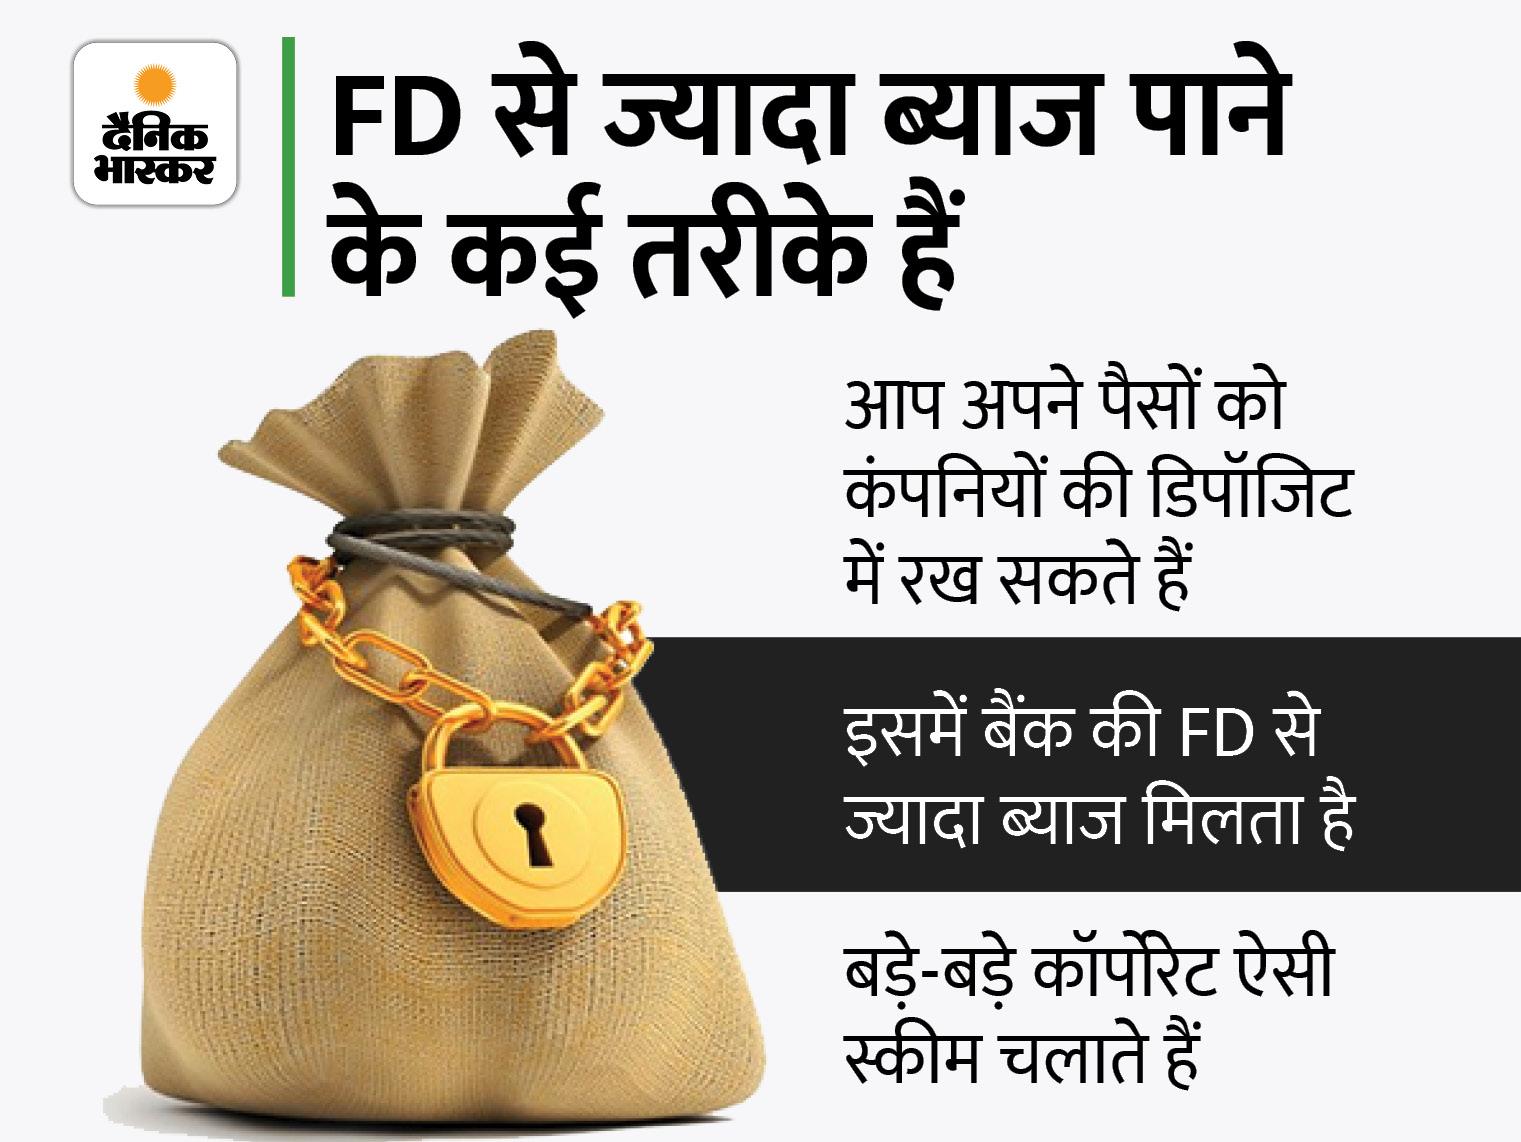 बैंक FD पर आपको कम मिलता रहेगा ब्याज, ज्यादा ब्याज के लिए नया तरीका अपनाएं|बिजनेस,Business - Dainik Bhaskar